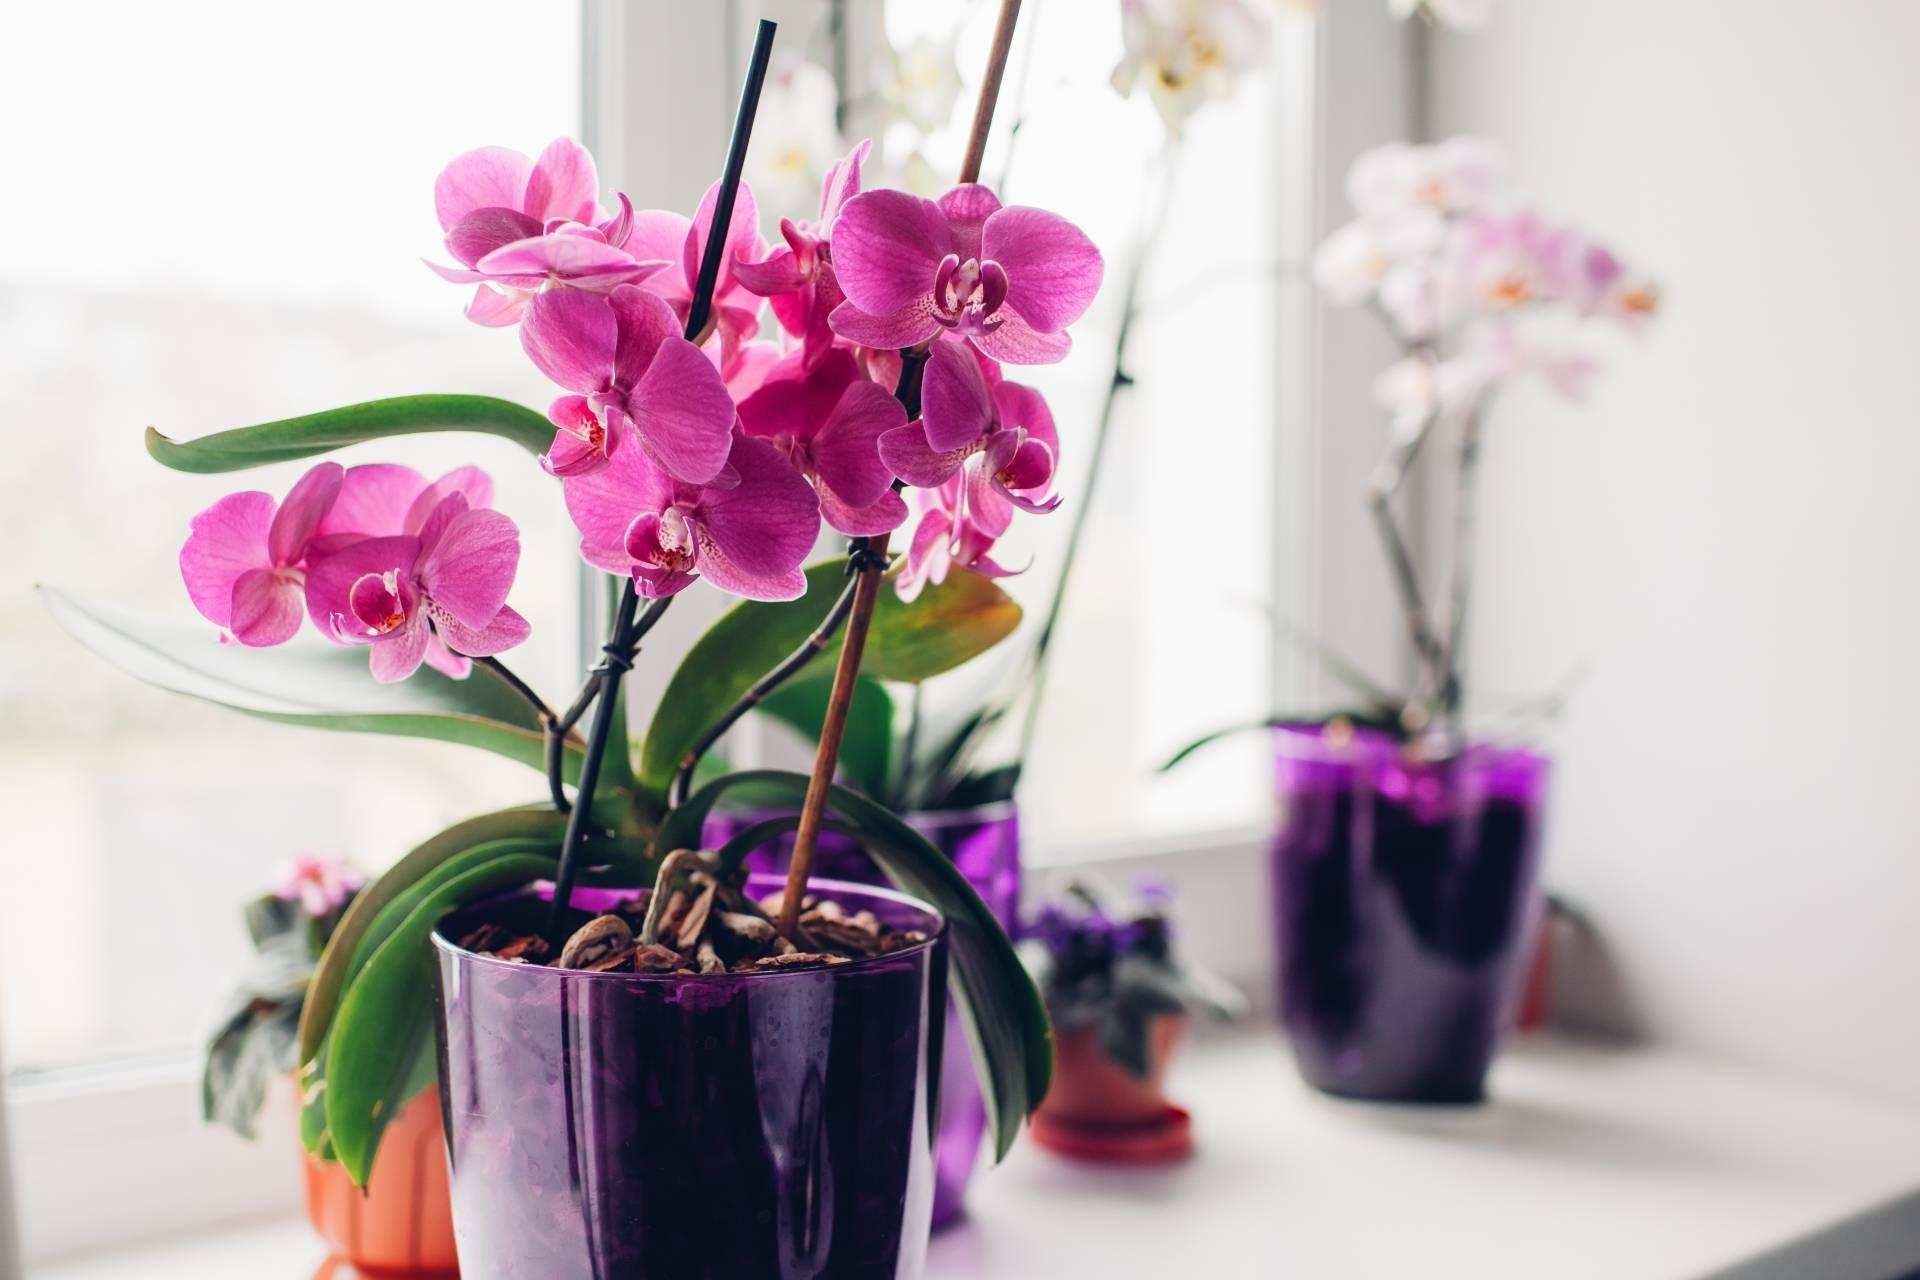 Purpurowe storczyki na parapecie - jak podlewać storczyki? Kwiaty do łazienki - jakie wybrać?